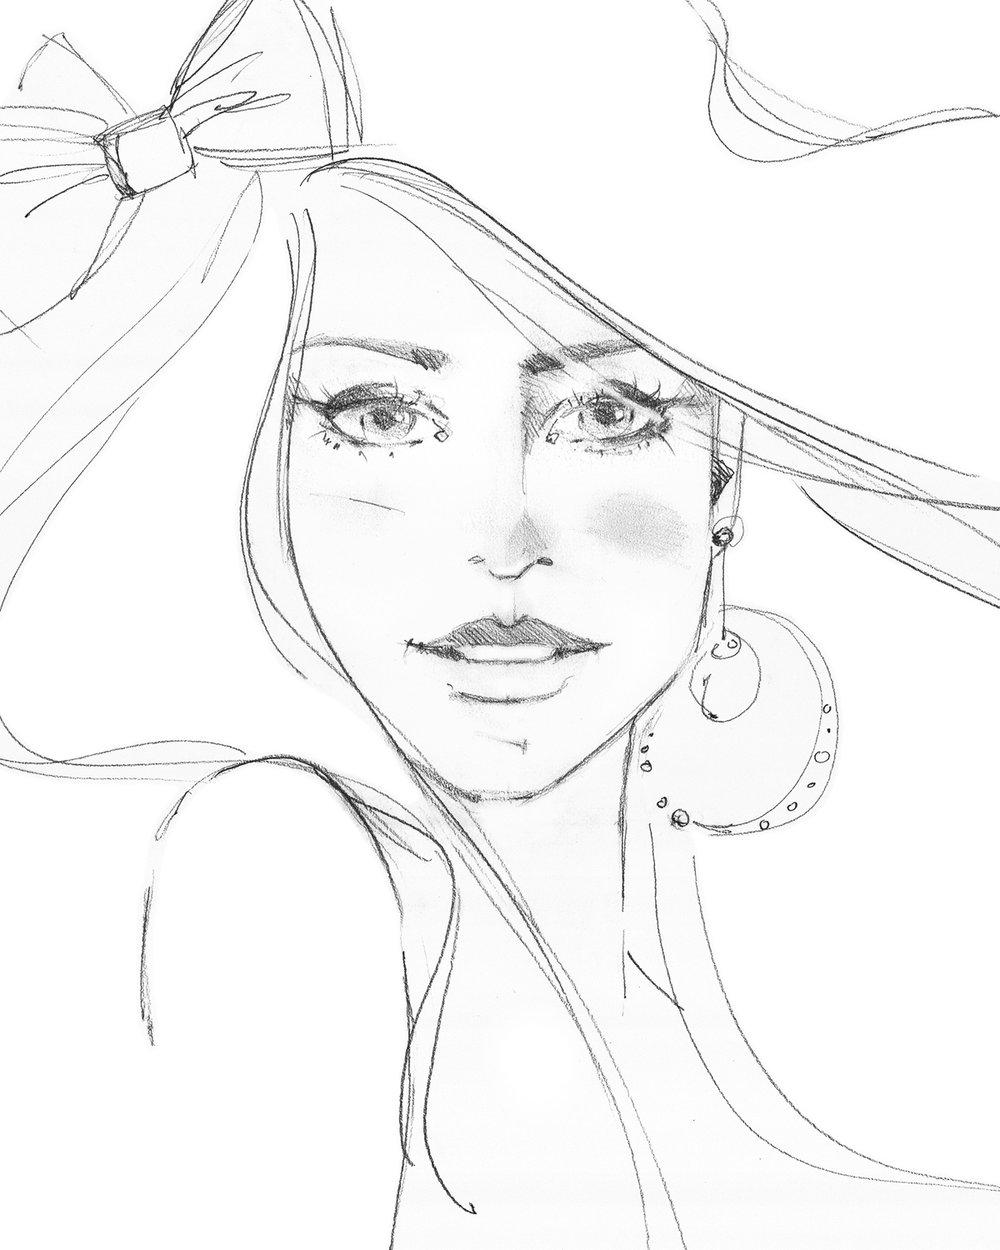 sketchbook-11.jpg